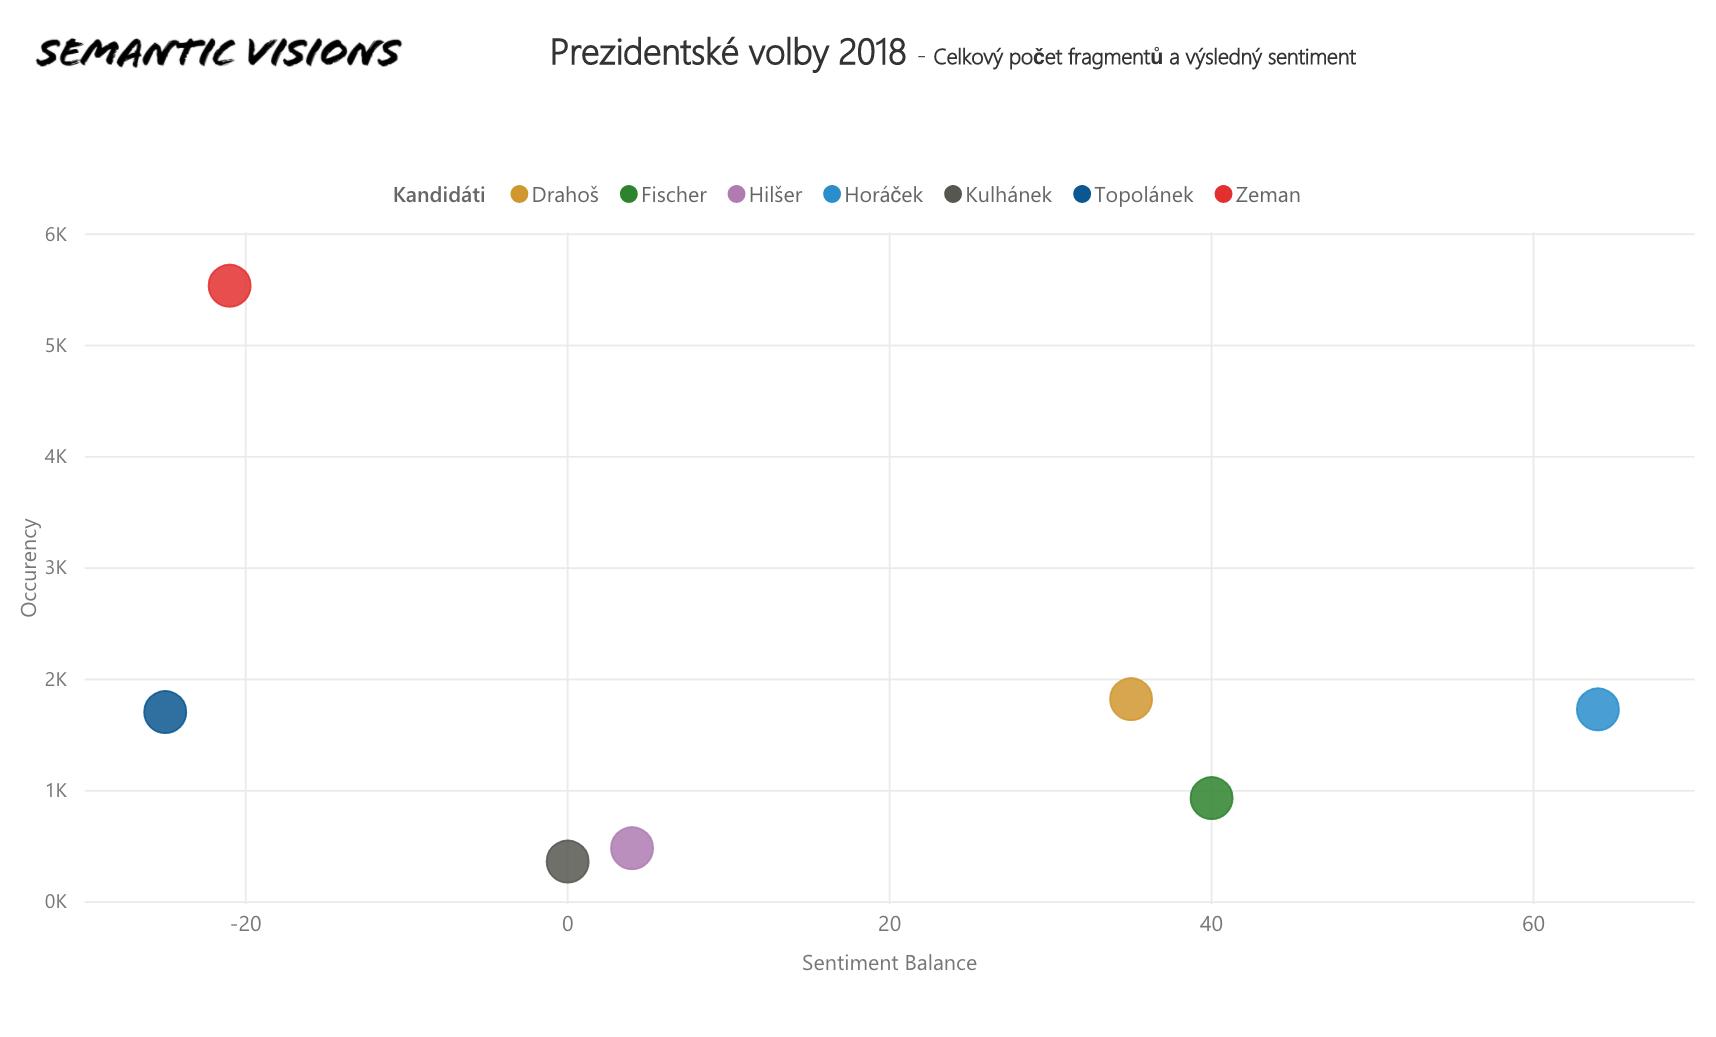 Tento graf zobrazuje výsledky za posledních dva týdny, tedy za období 1. ledna 2018 až 9. ledna 2018